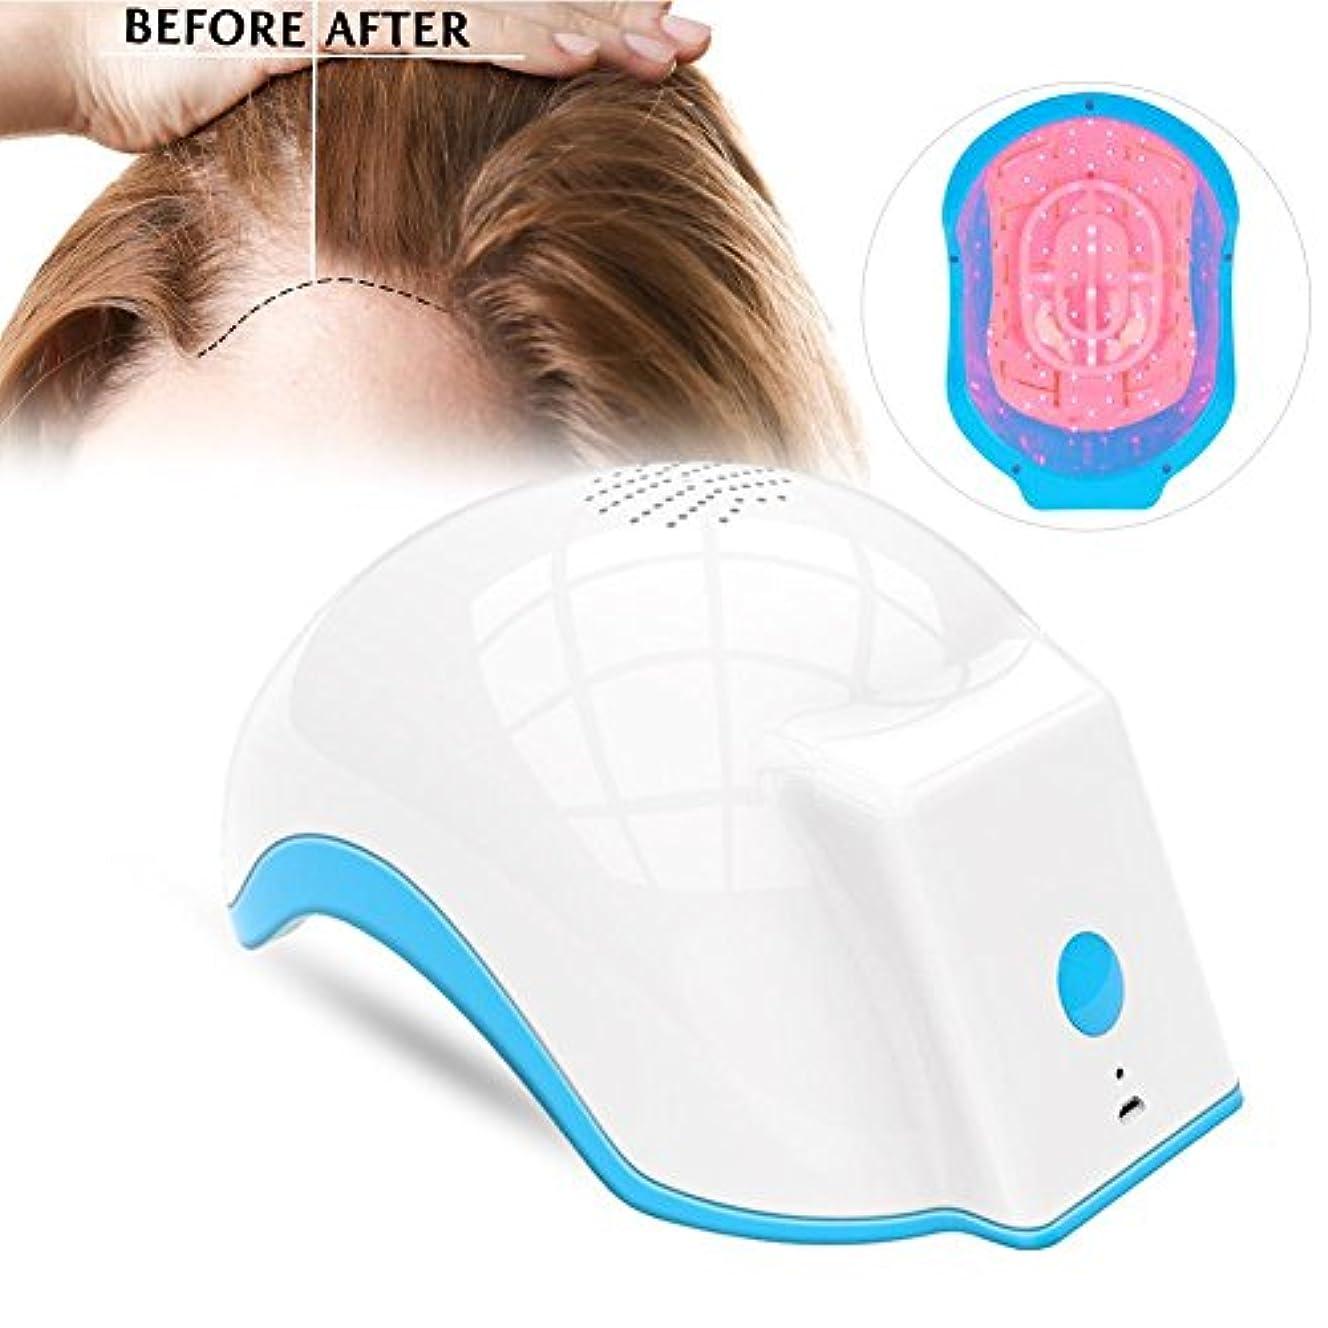 企業コーチ今毛の成長のヘルメット、セリウムは毛損失の再生の脱毛症の帽子のヘルメットの毛の再生キャップのマッサージ装置の反毛損失装置を承認しました(US), 100-240v脱毛再生治療療法脱毛症キャップヘルメット(米国プラグ)